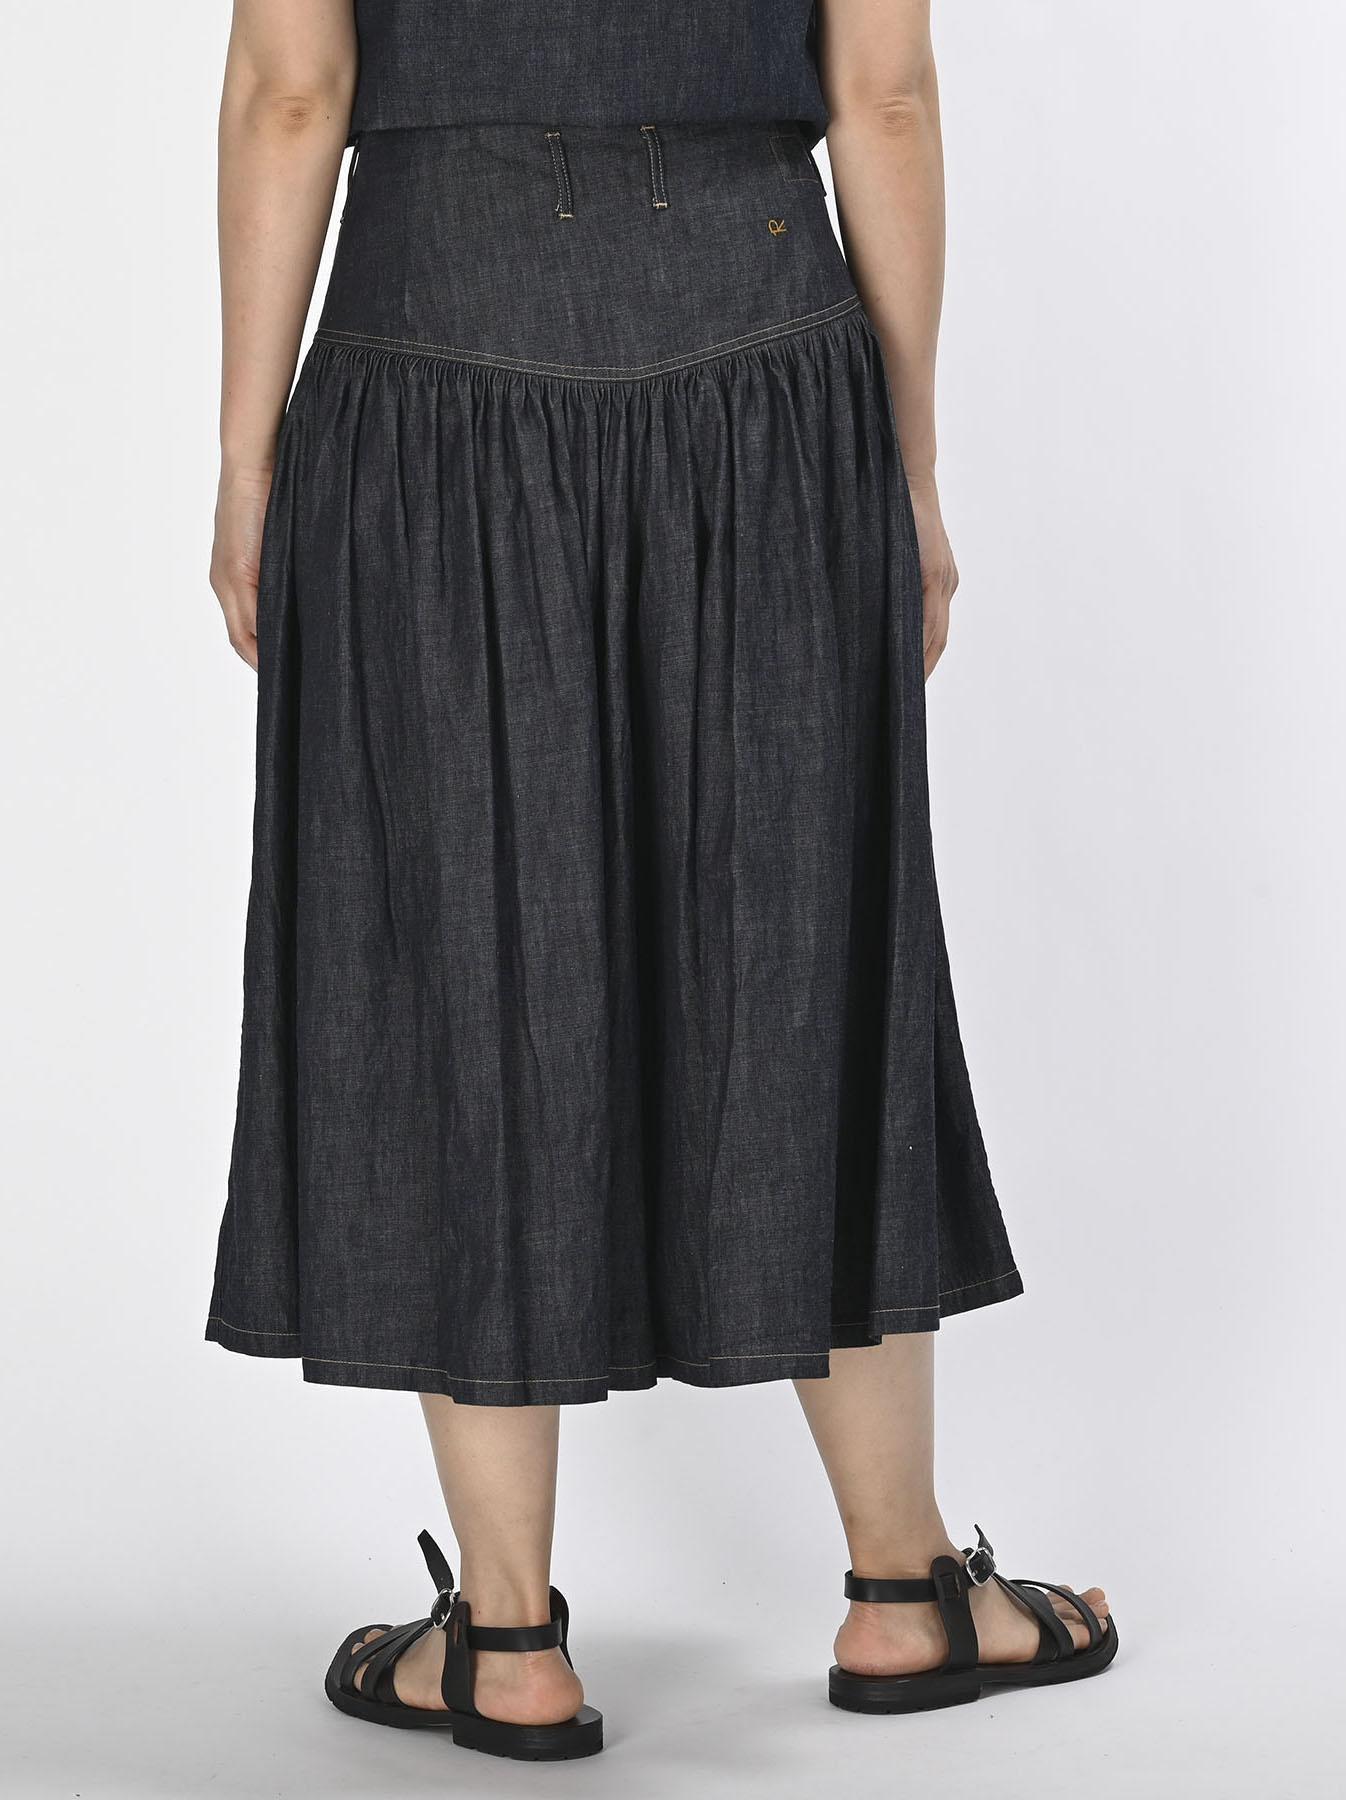 Denim Gathered Culottes Skirt(0721)-5